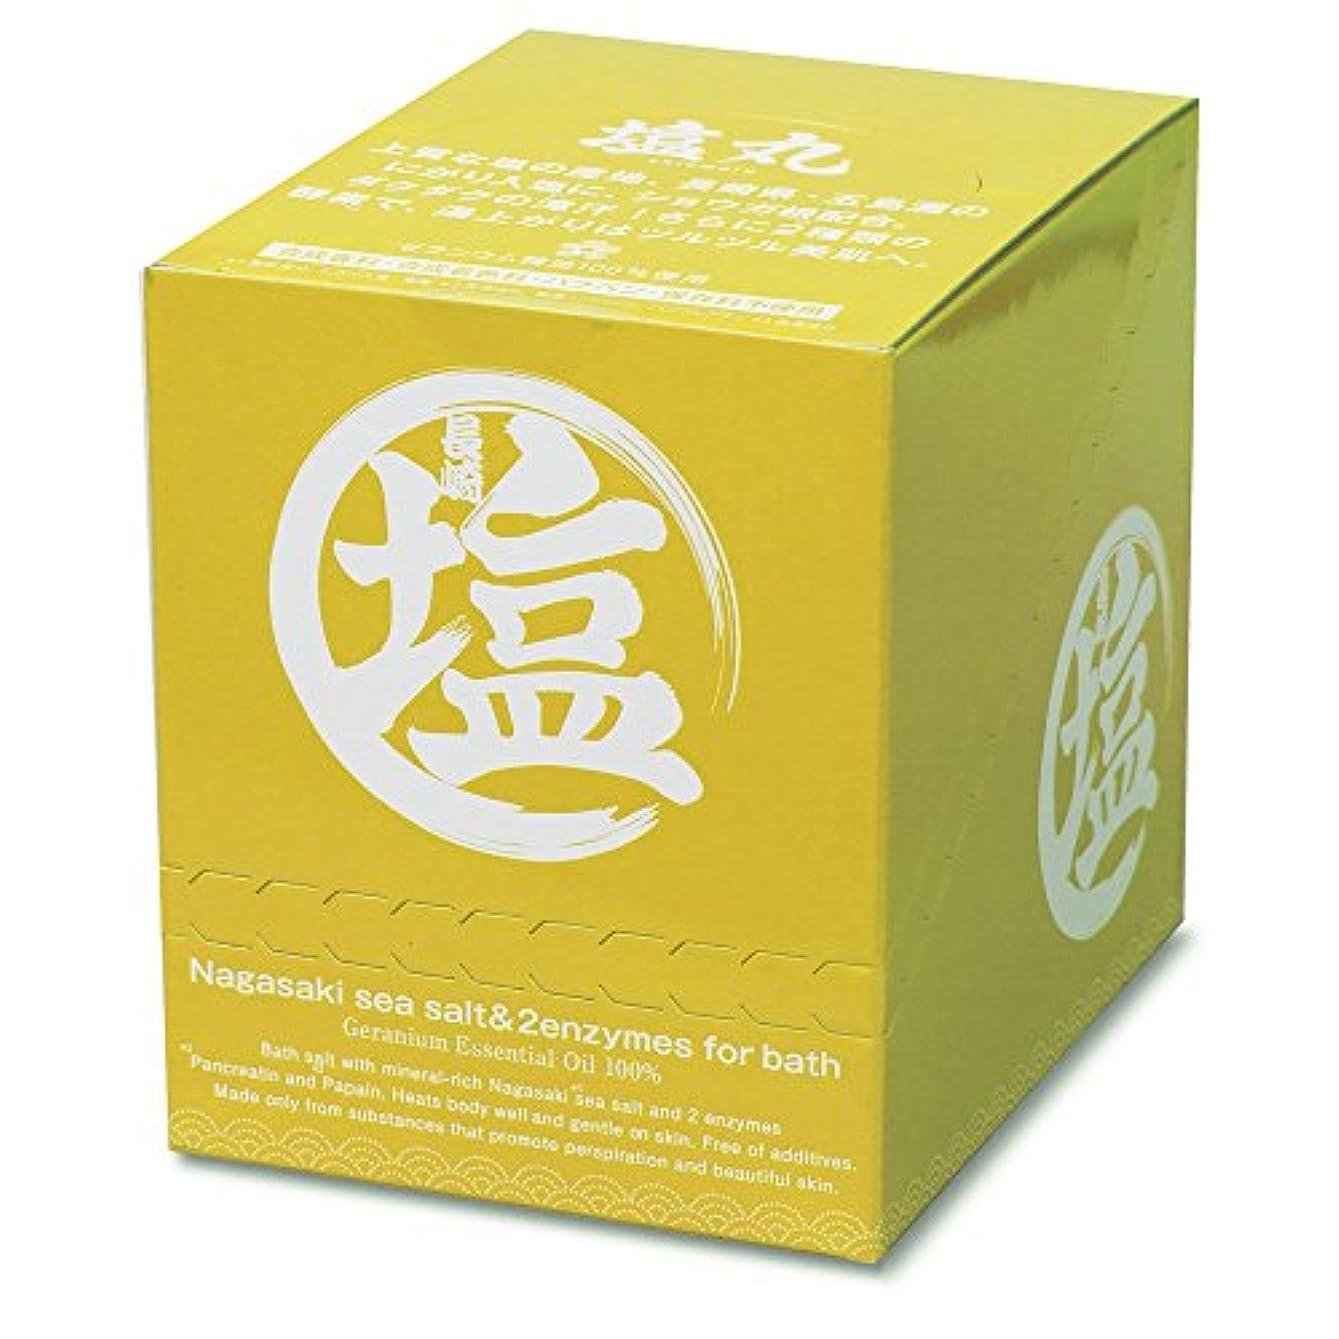 低いパパ(塩丸)長崎産にがり入海塩入浴剤(40g×12包入)イランイラン精油/合成香料?合成着色料?保存料不使用